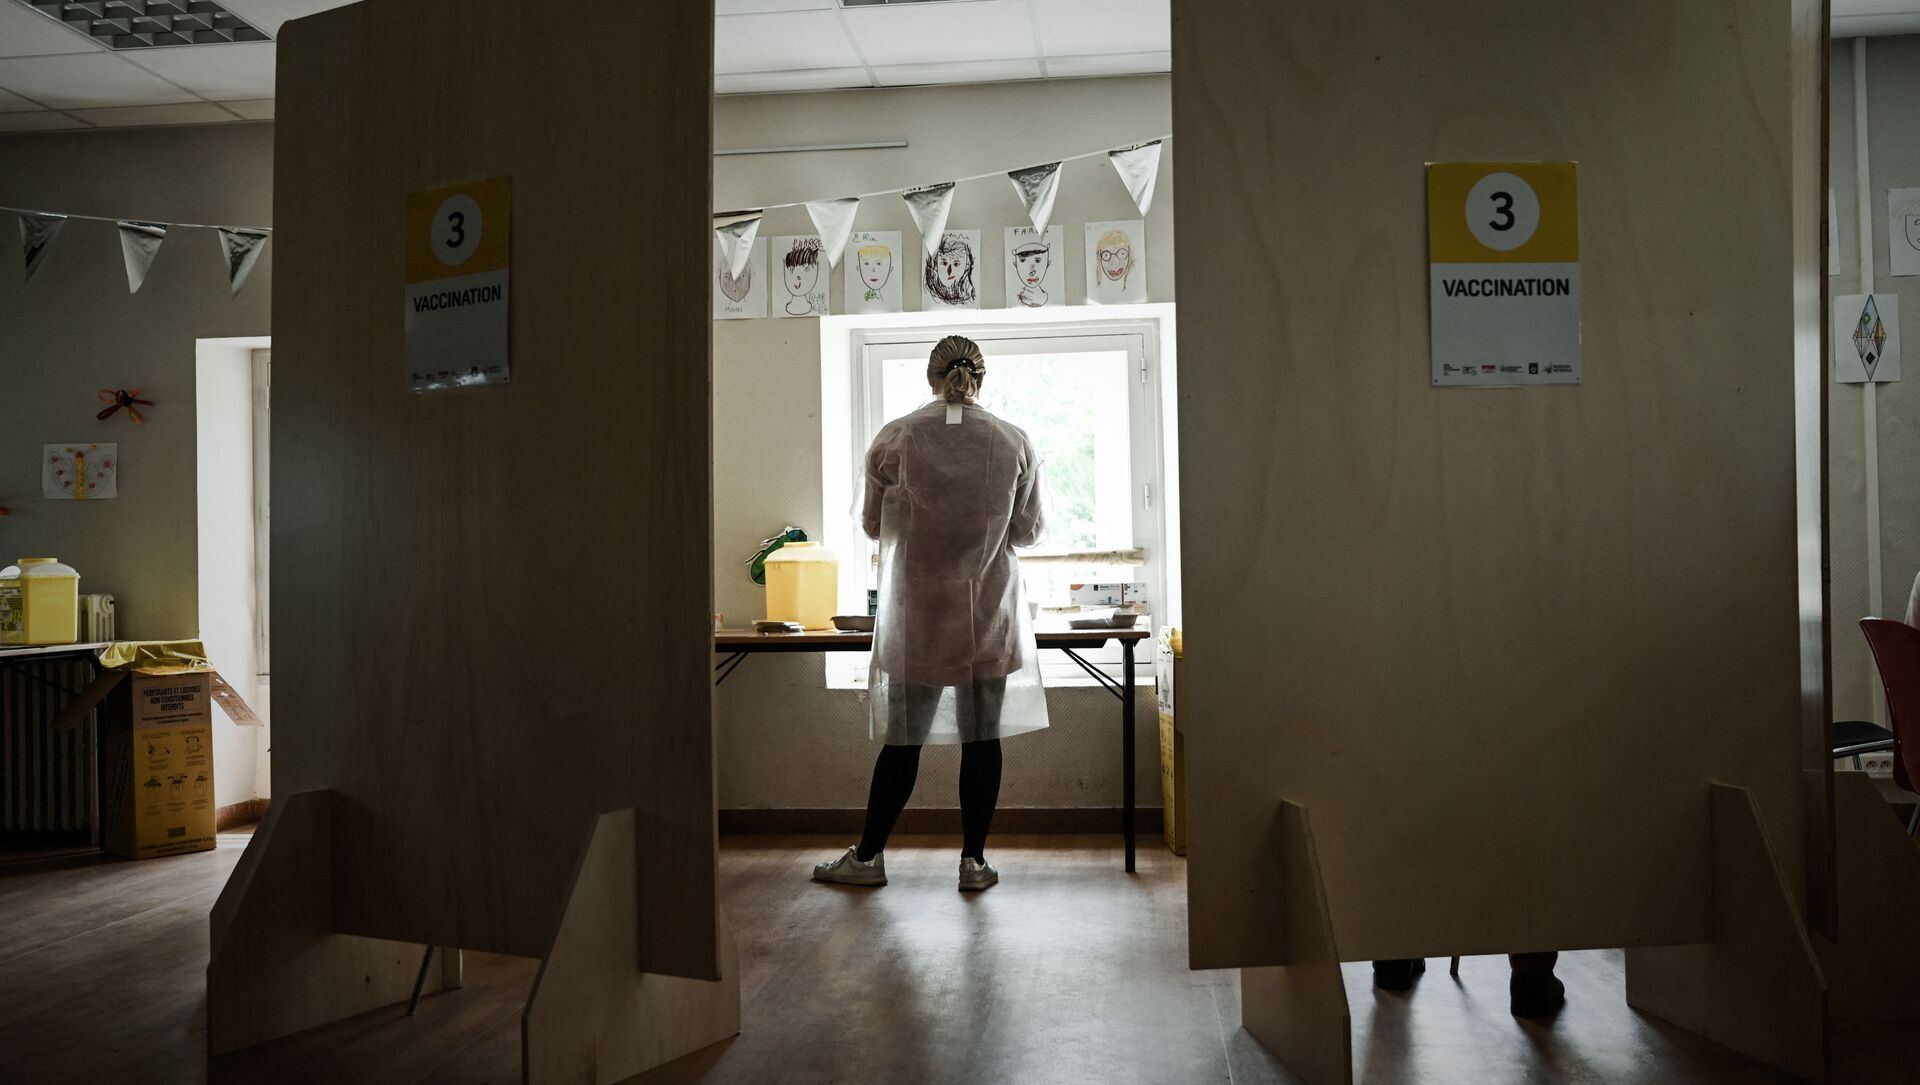 Une soignante dans un centre de vaccination contre le Covid-19 à Bacalan près de Bordeaux, mai 2021 - Sputnik France, 1920, 29.07.2021